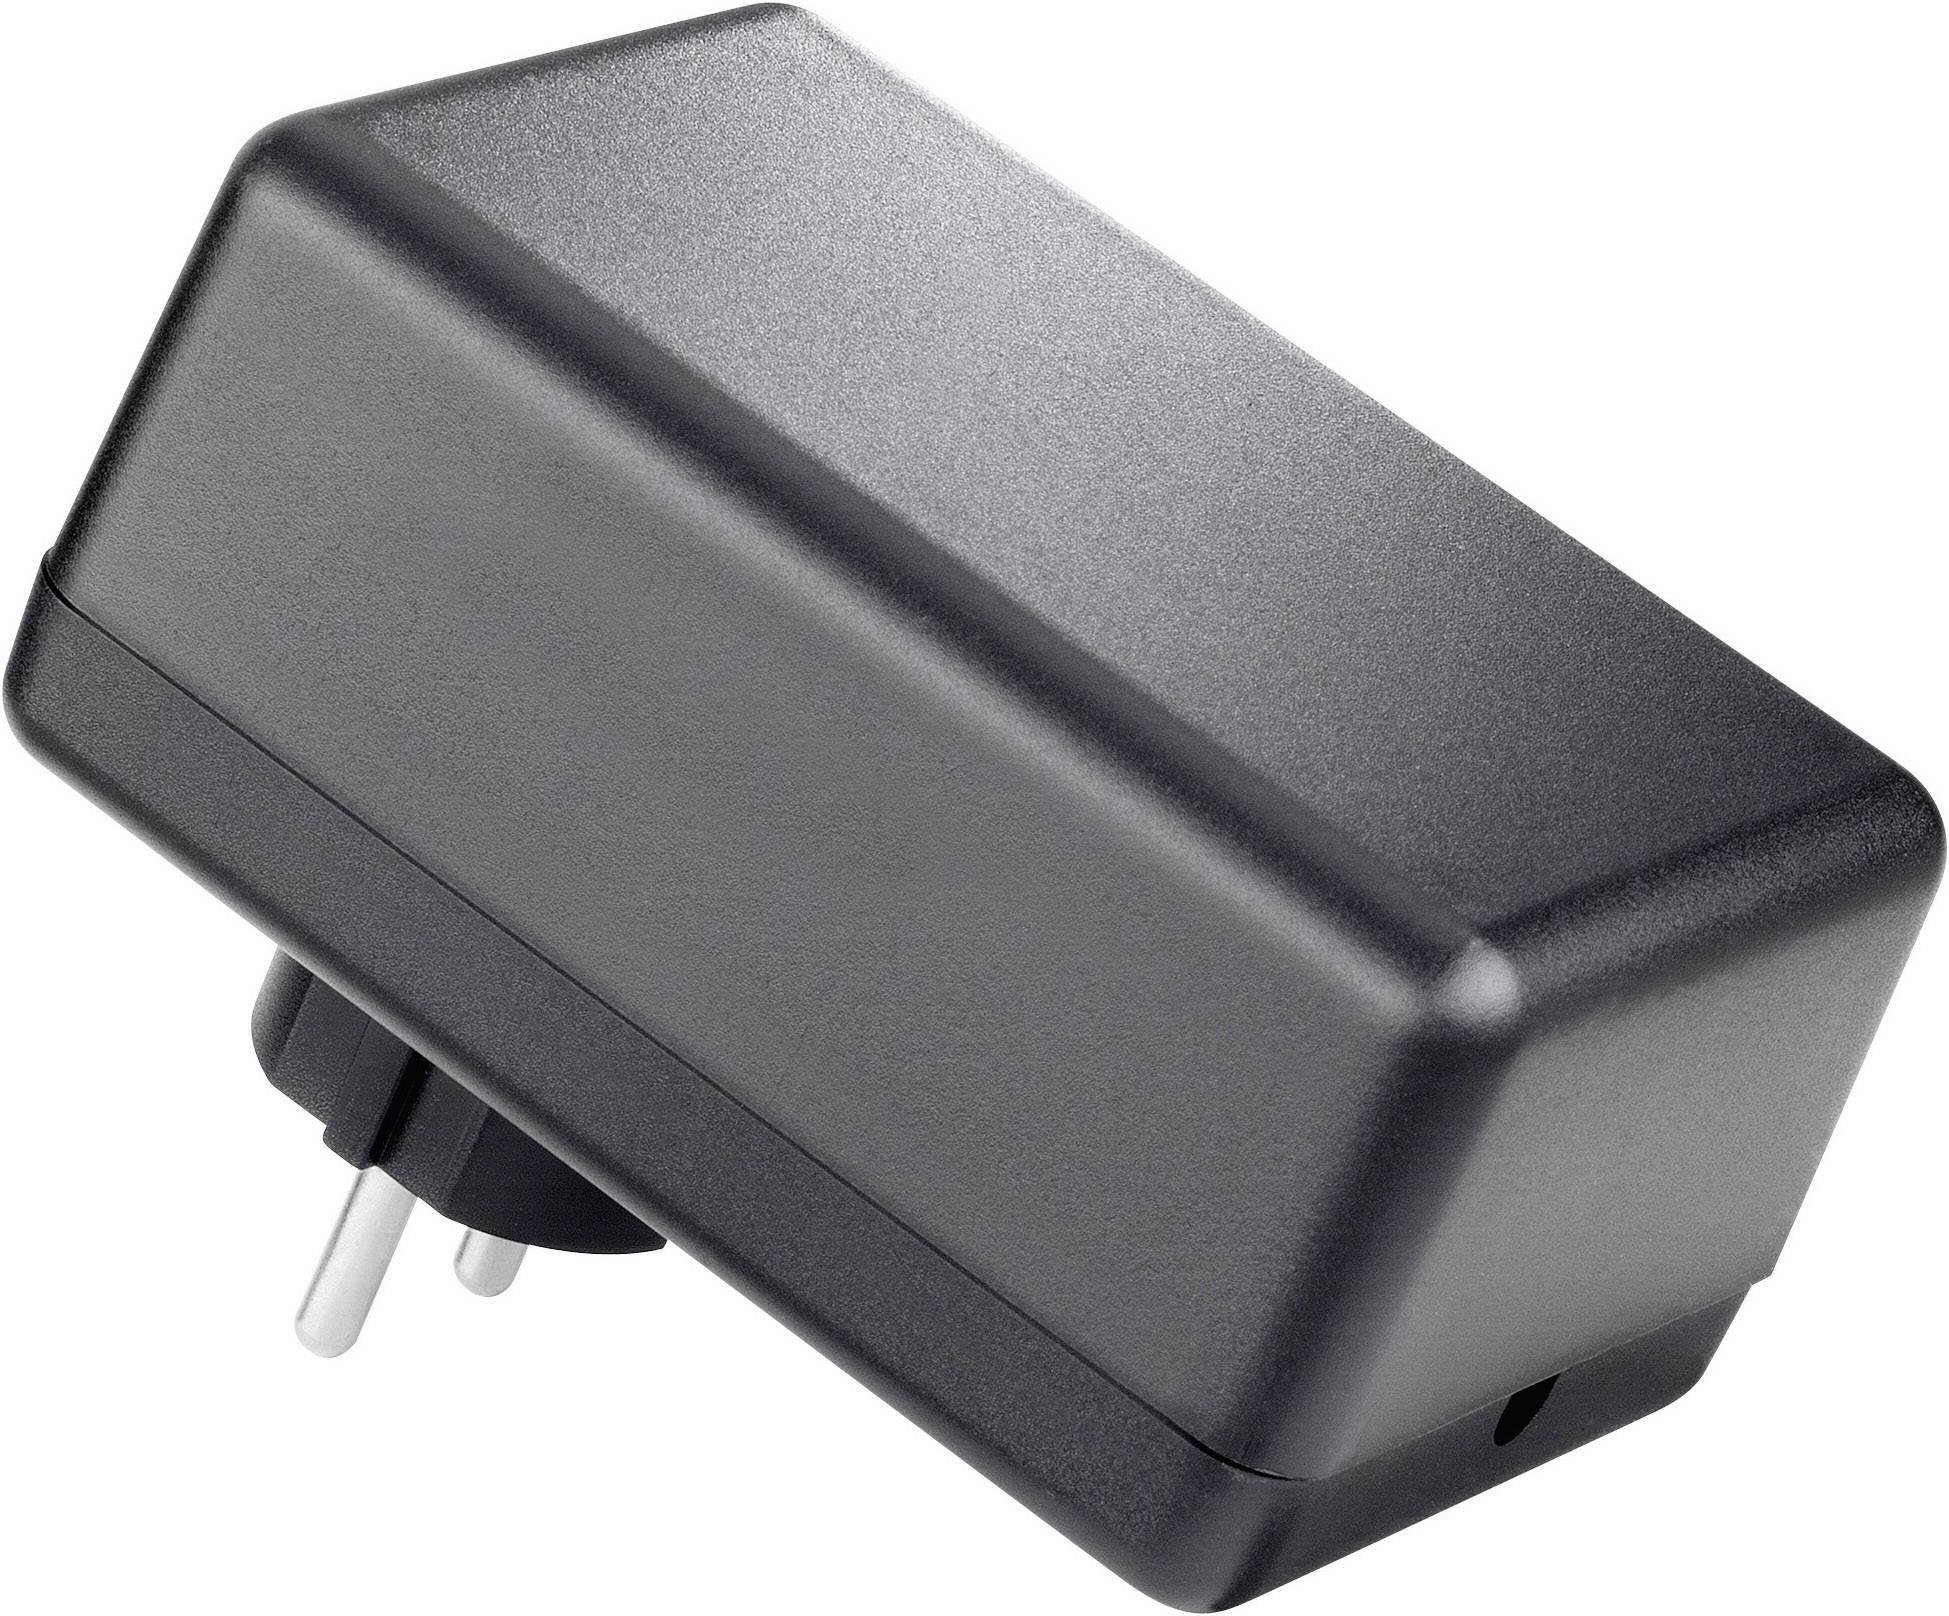 Puzdro na zástrčku TRU COMPONENTS TC-SG 421G SW203, ABS, 113 x 69 x 55 , čierna, 1 ks